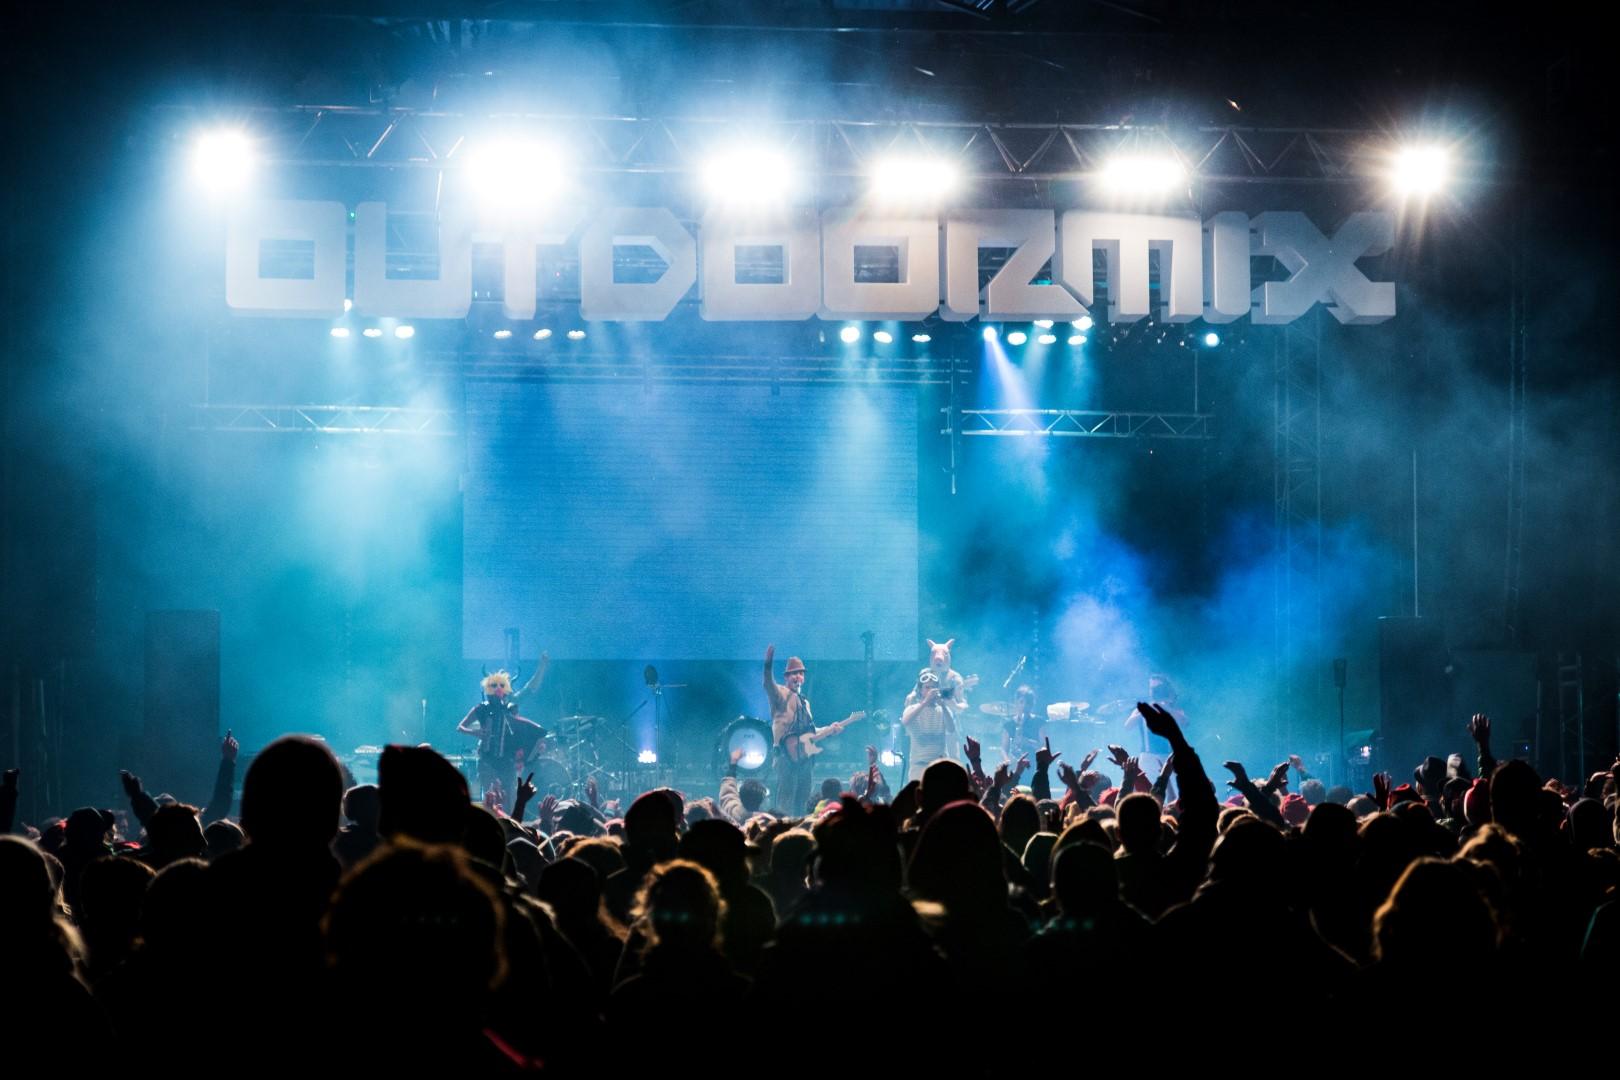 OUTDOORMIX FESTIVAL embrun hautes alpes concert musique